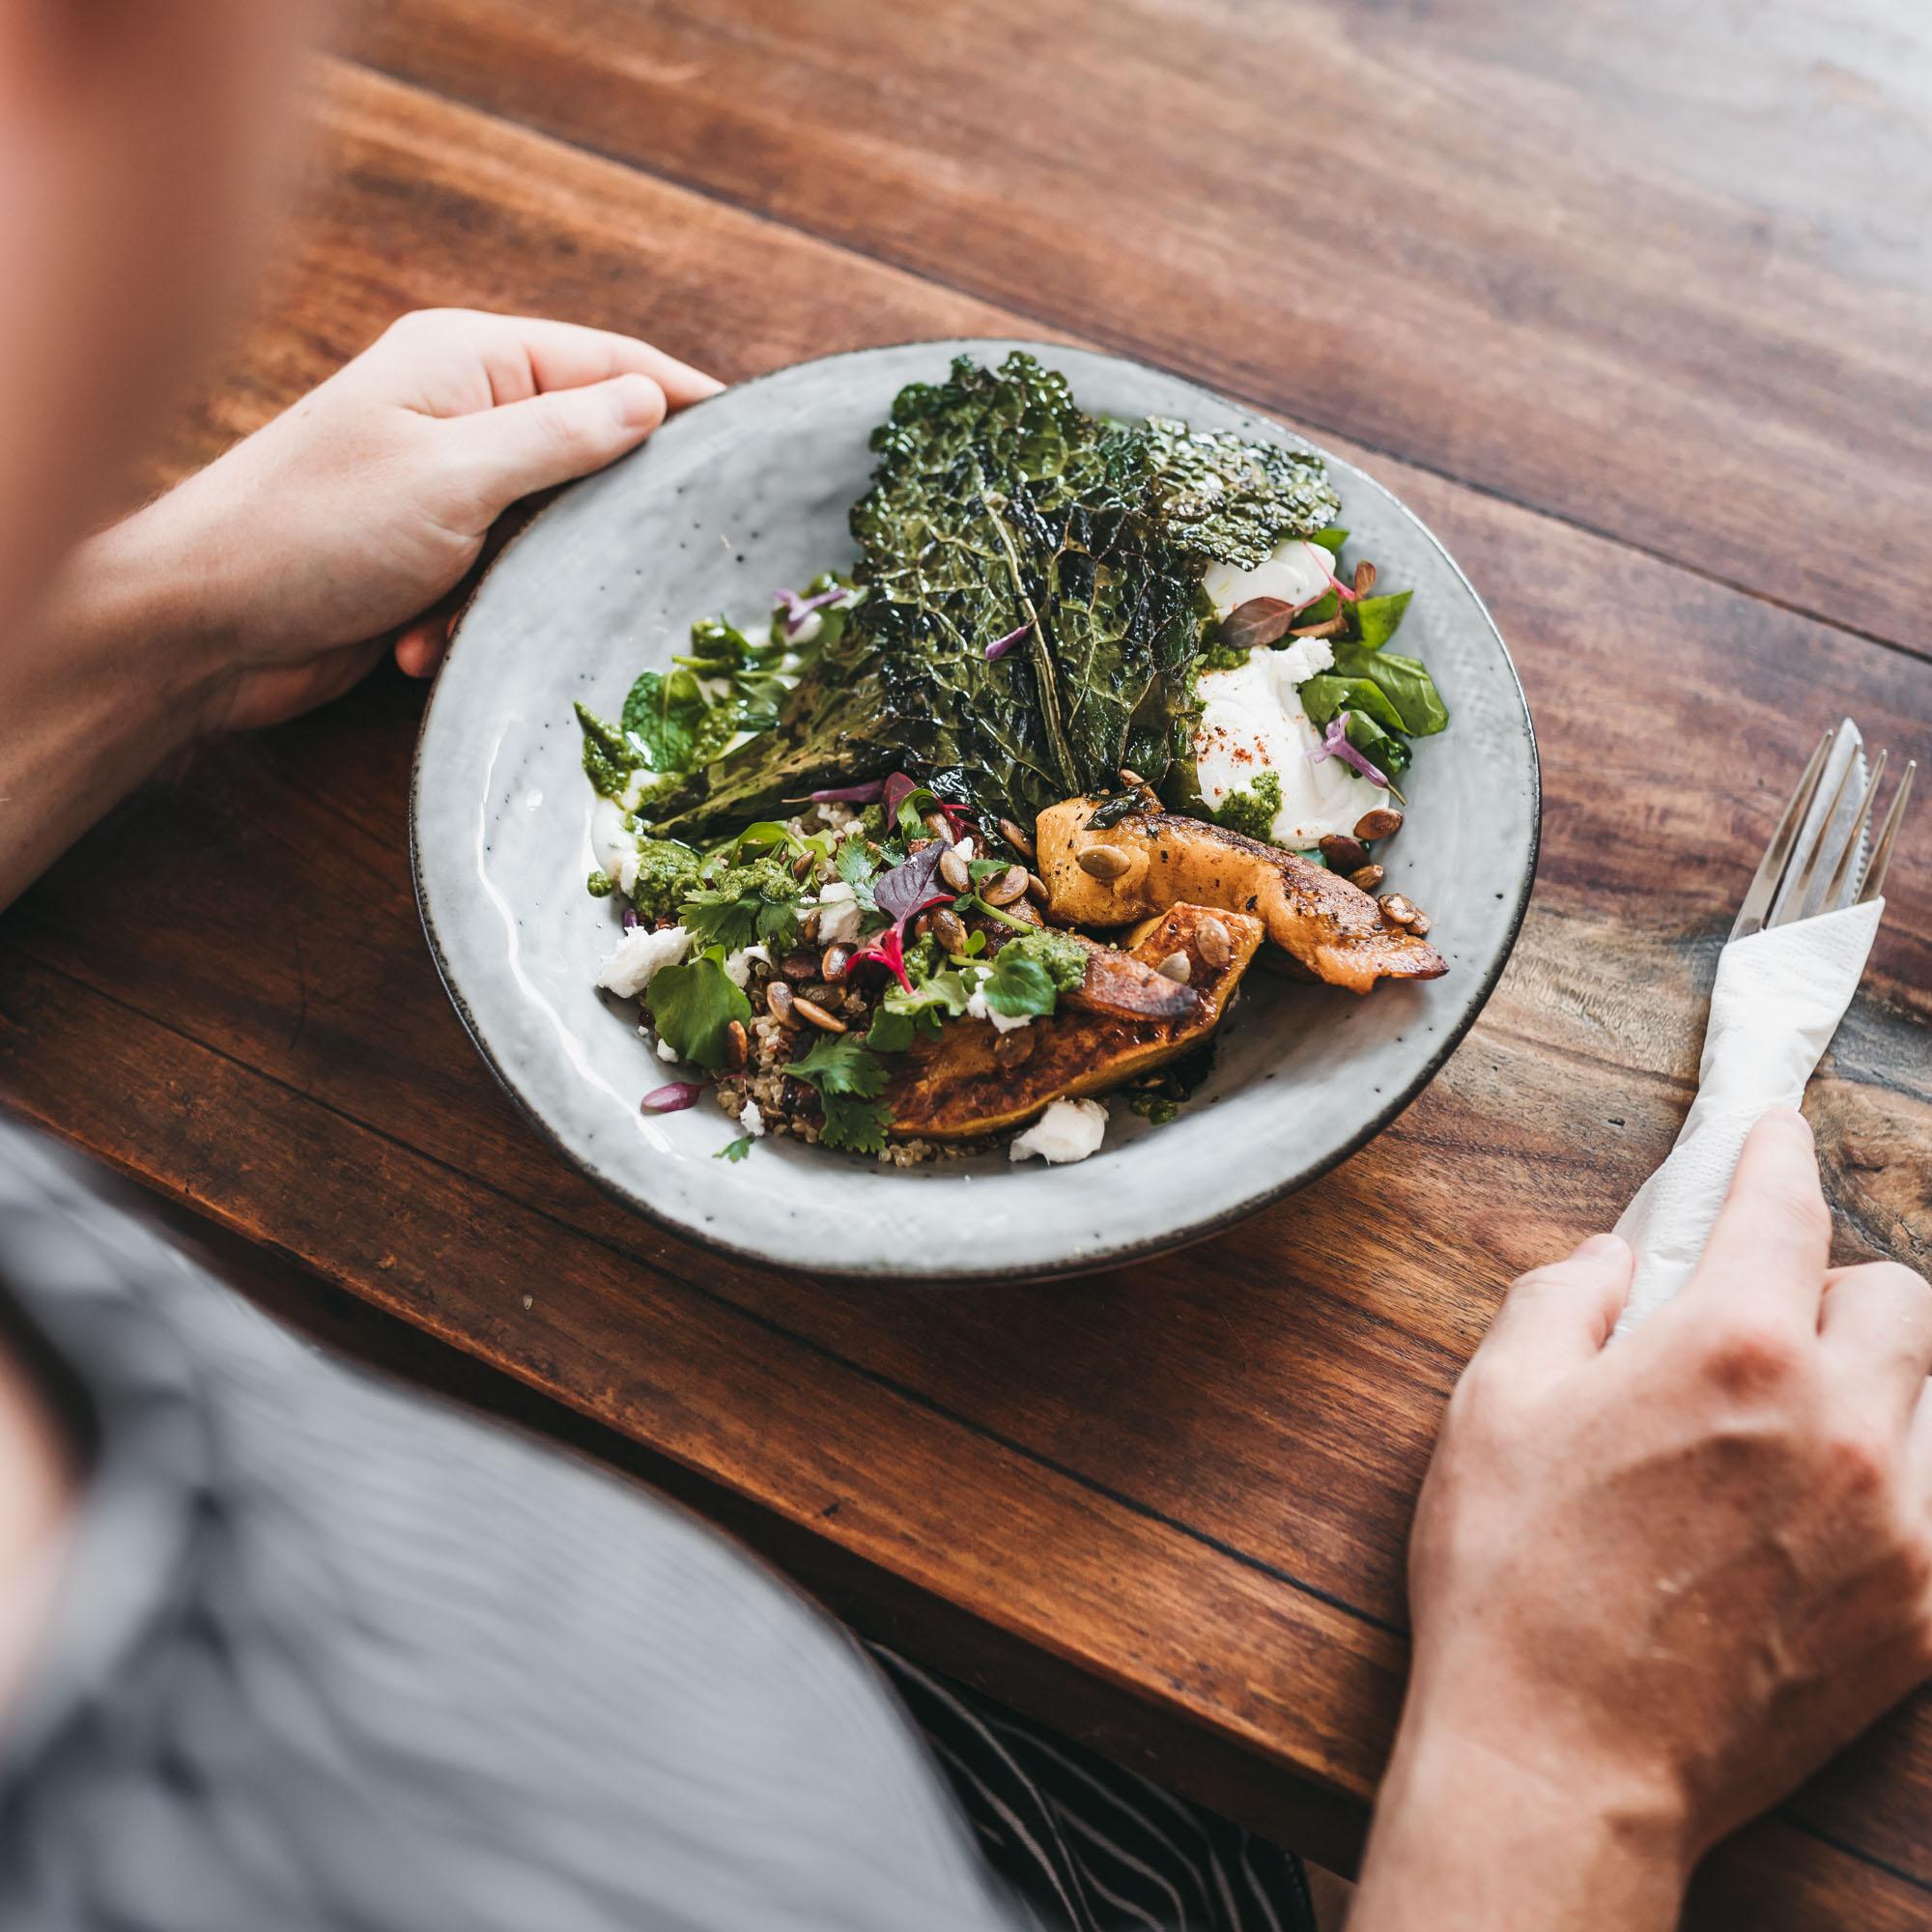 keira-mason-watercress-salad-bowl.jpg